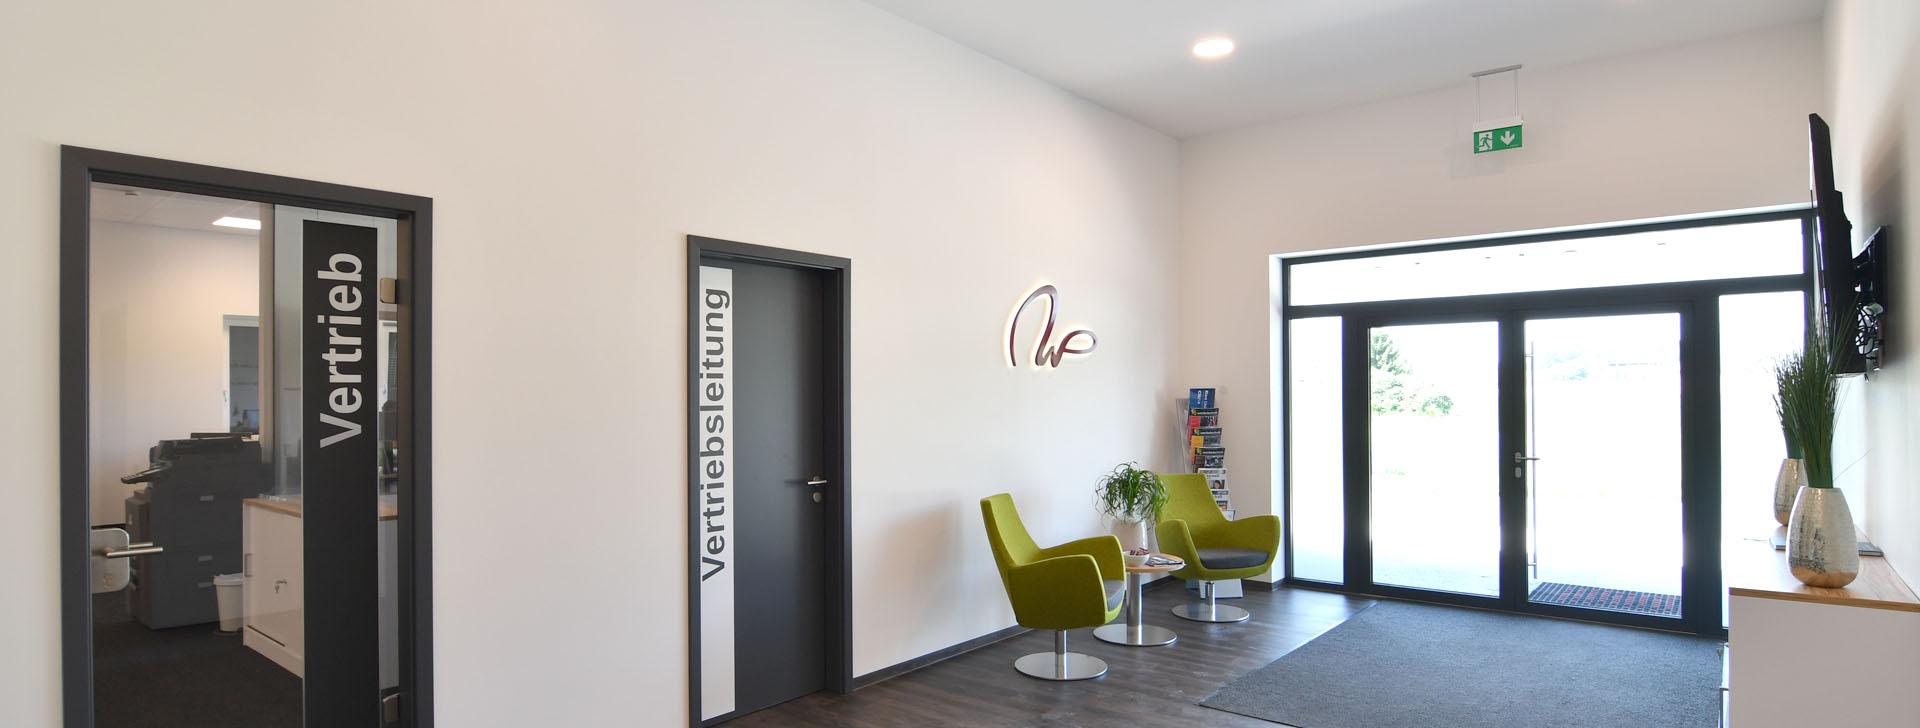 Foyer eines Büros